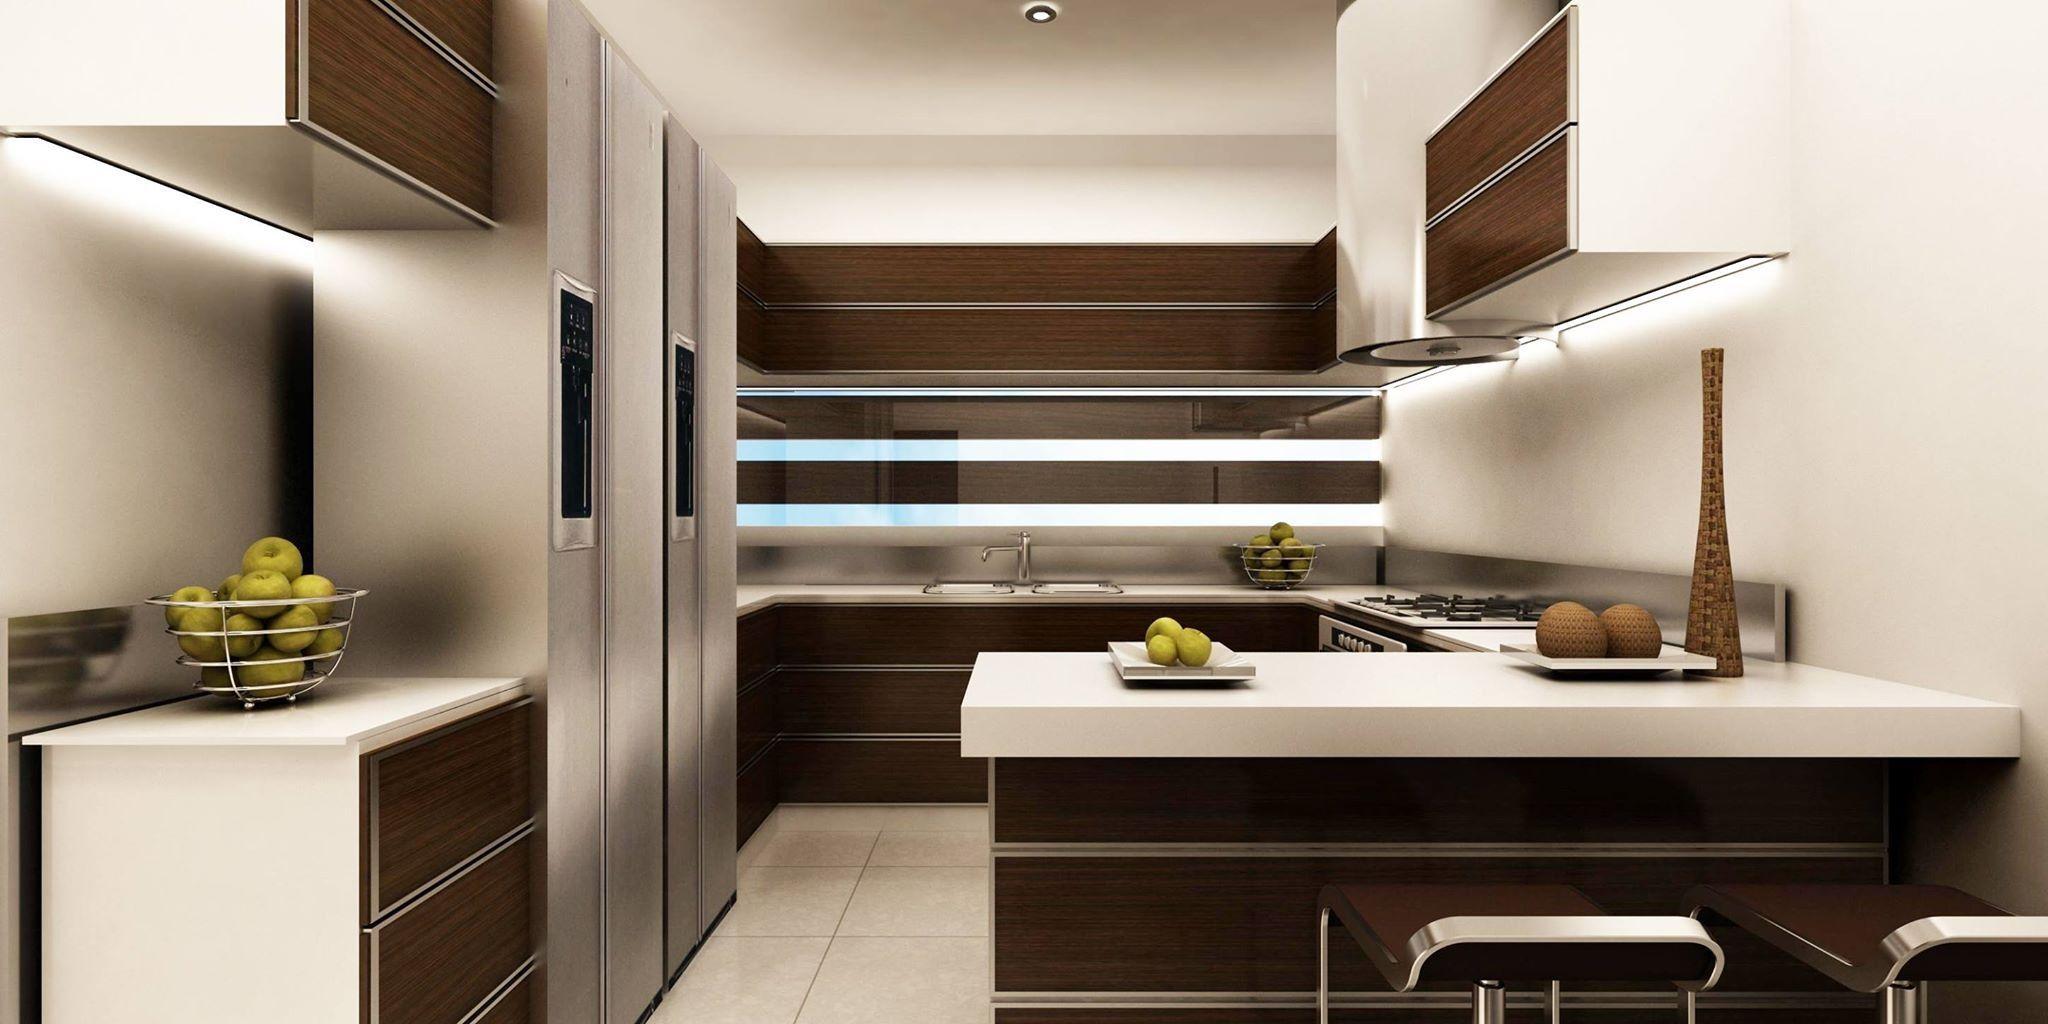 Cocina edificio de apartamentos ibiza en sta cruz de for Cocina apartamento pequeno